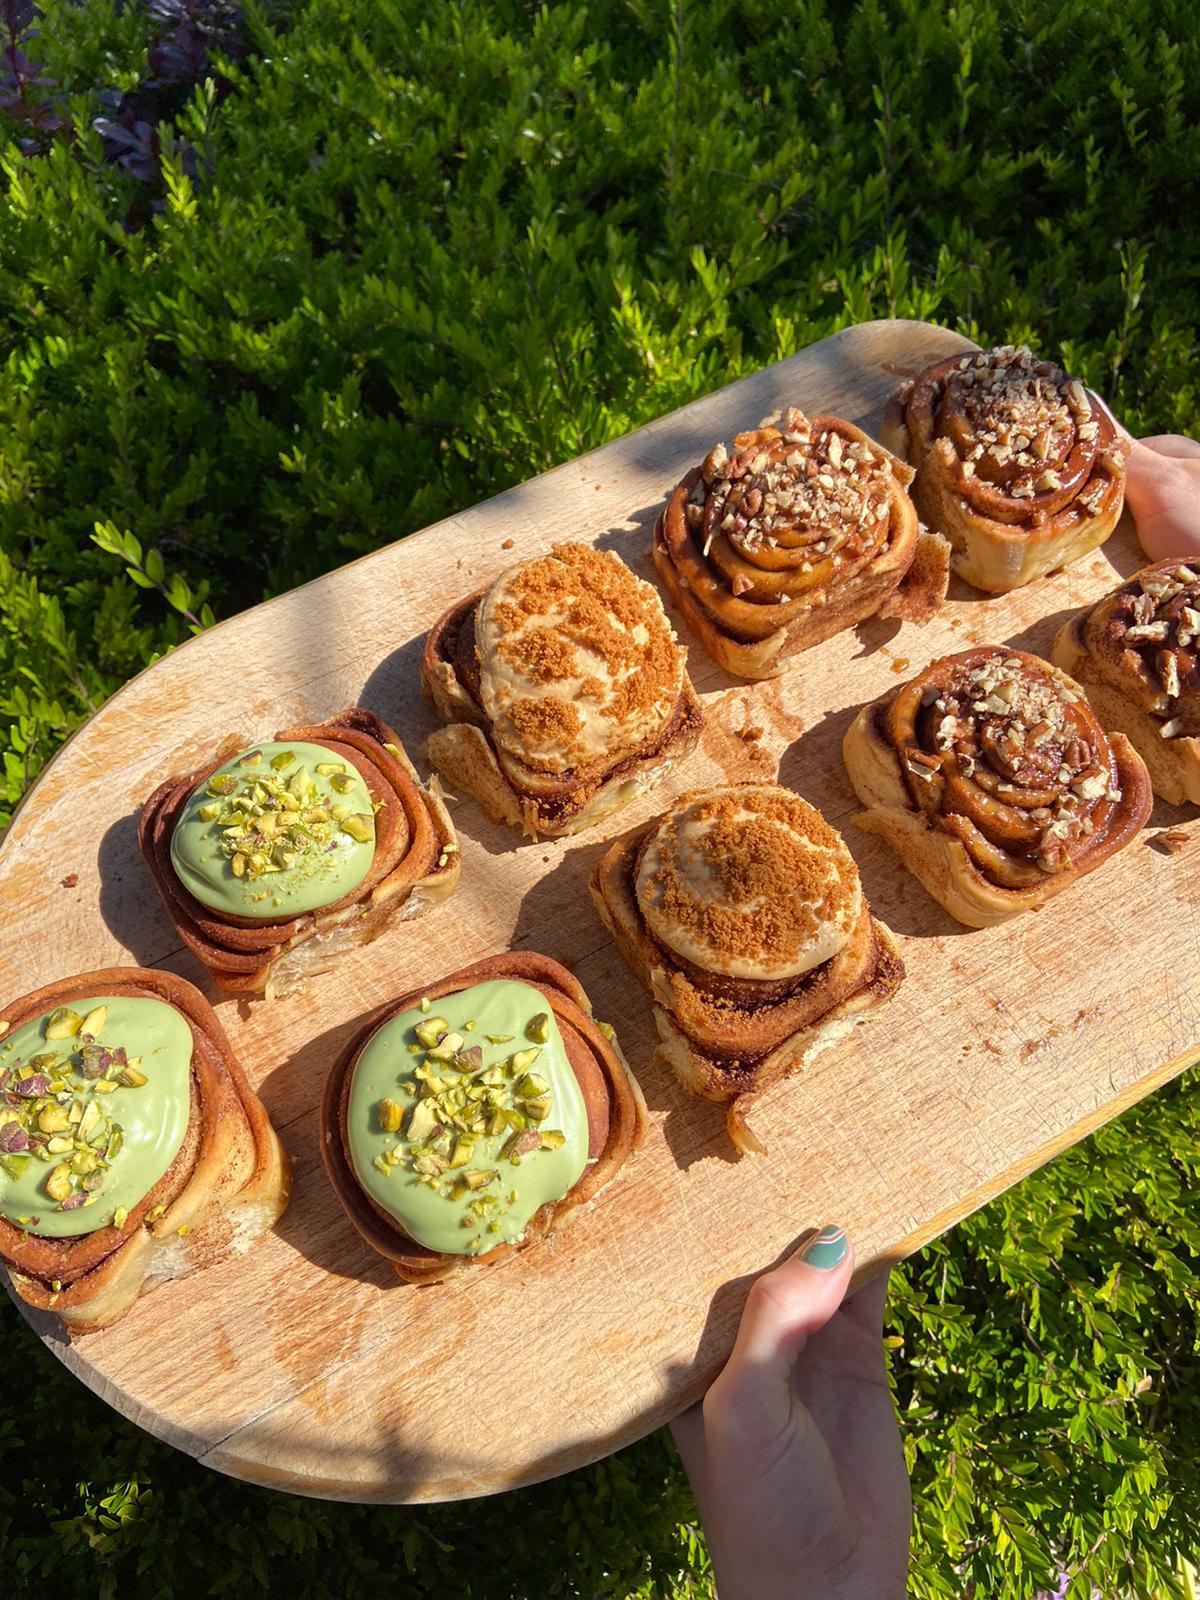 Swedish Cinnamon Buns | Swedish Baking Studio